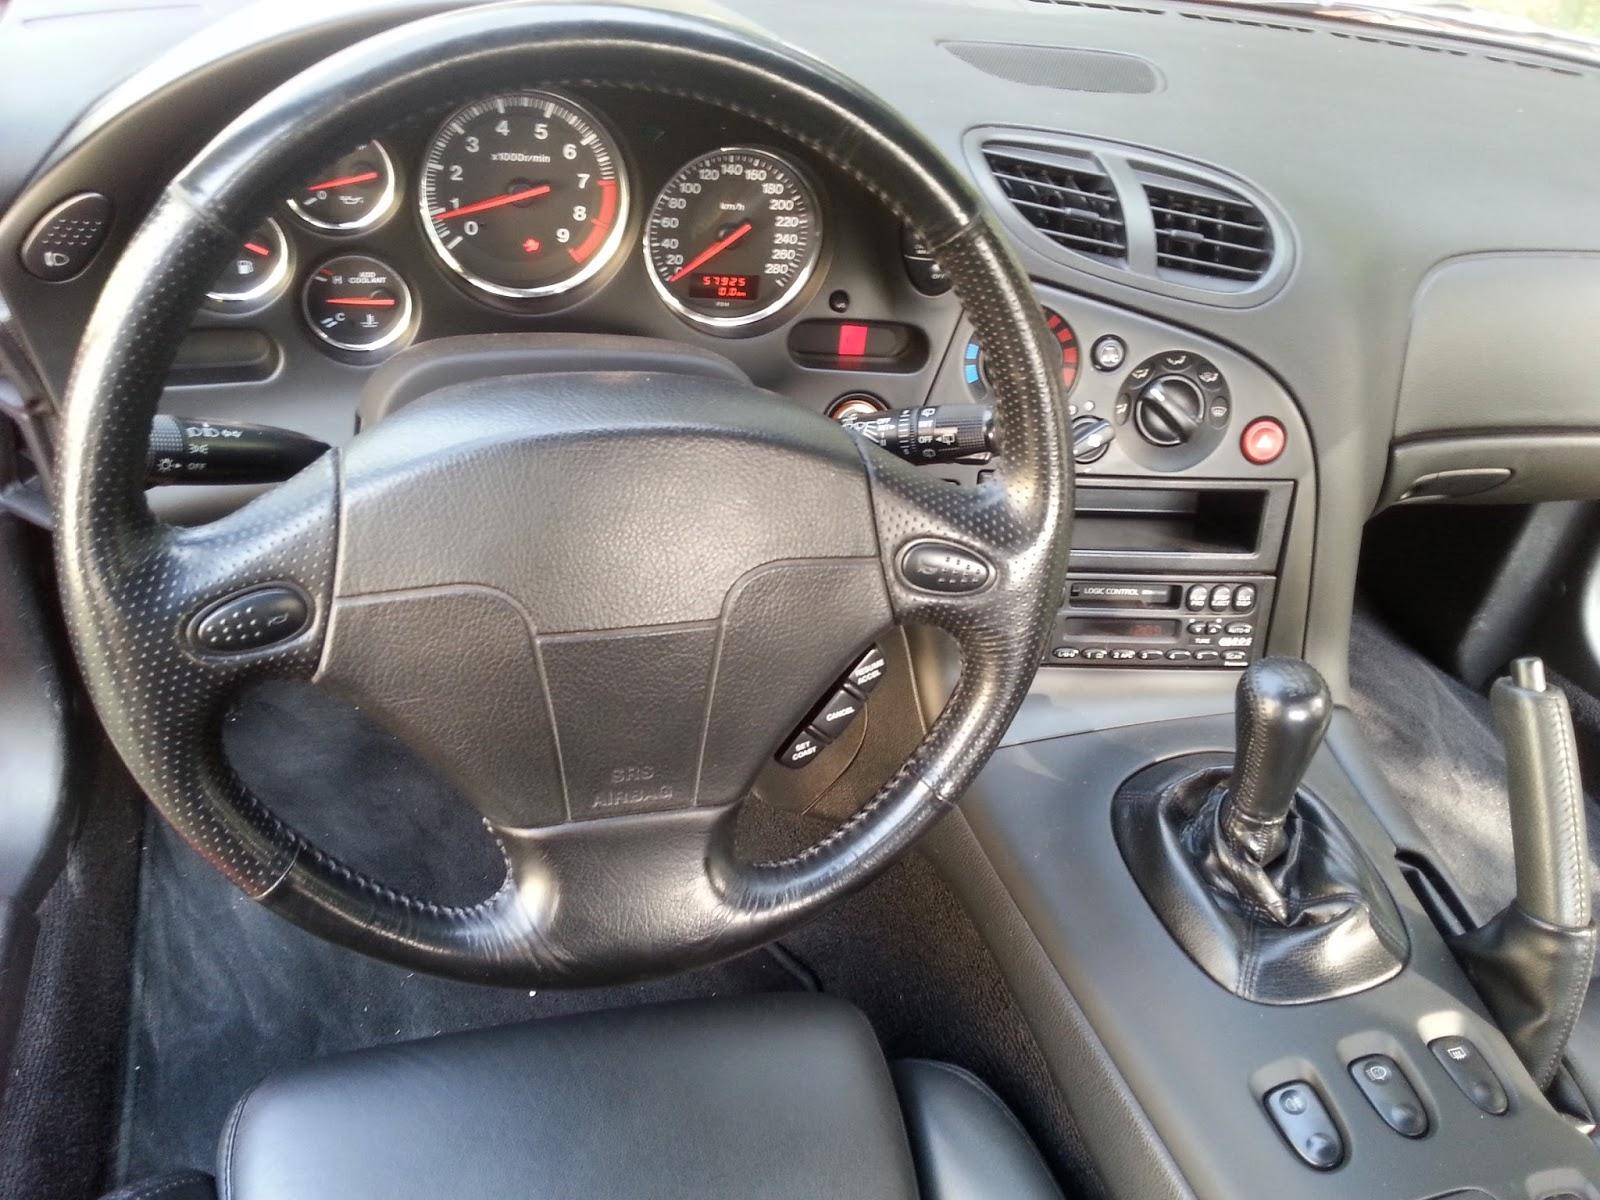 8 Όταν οδήγησα ένα καινούριο Mazda RX-7 Mazda, Mazda RX-7, TEST, zblog, αυτοκίνητα, ΔΟΚΙΜΕΣ, καινούρια, μεταχειρισμένα, οδηγούμε